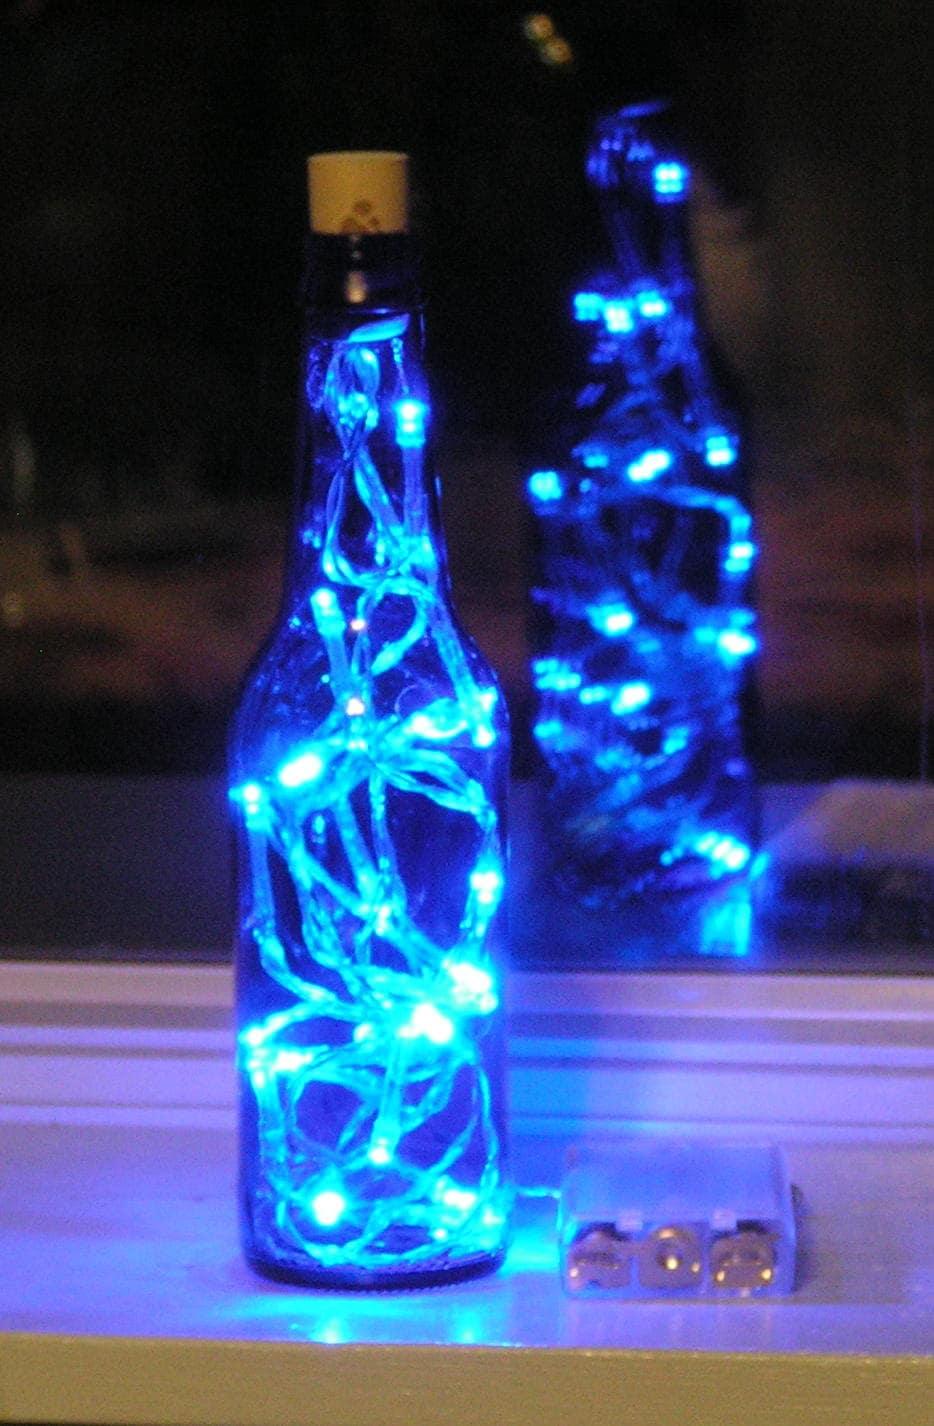 Blue Glass Beer Bottle Light With White Led Lights Inside